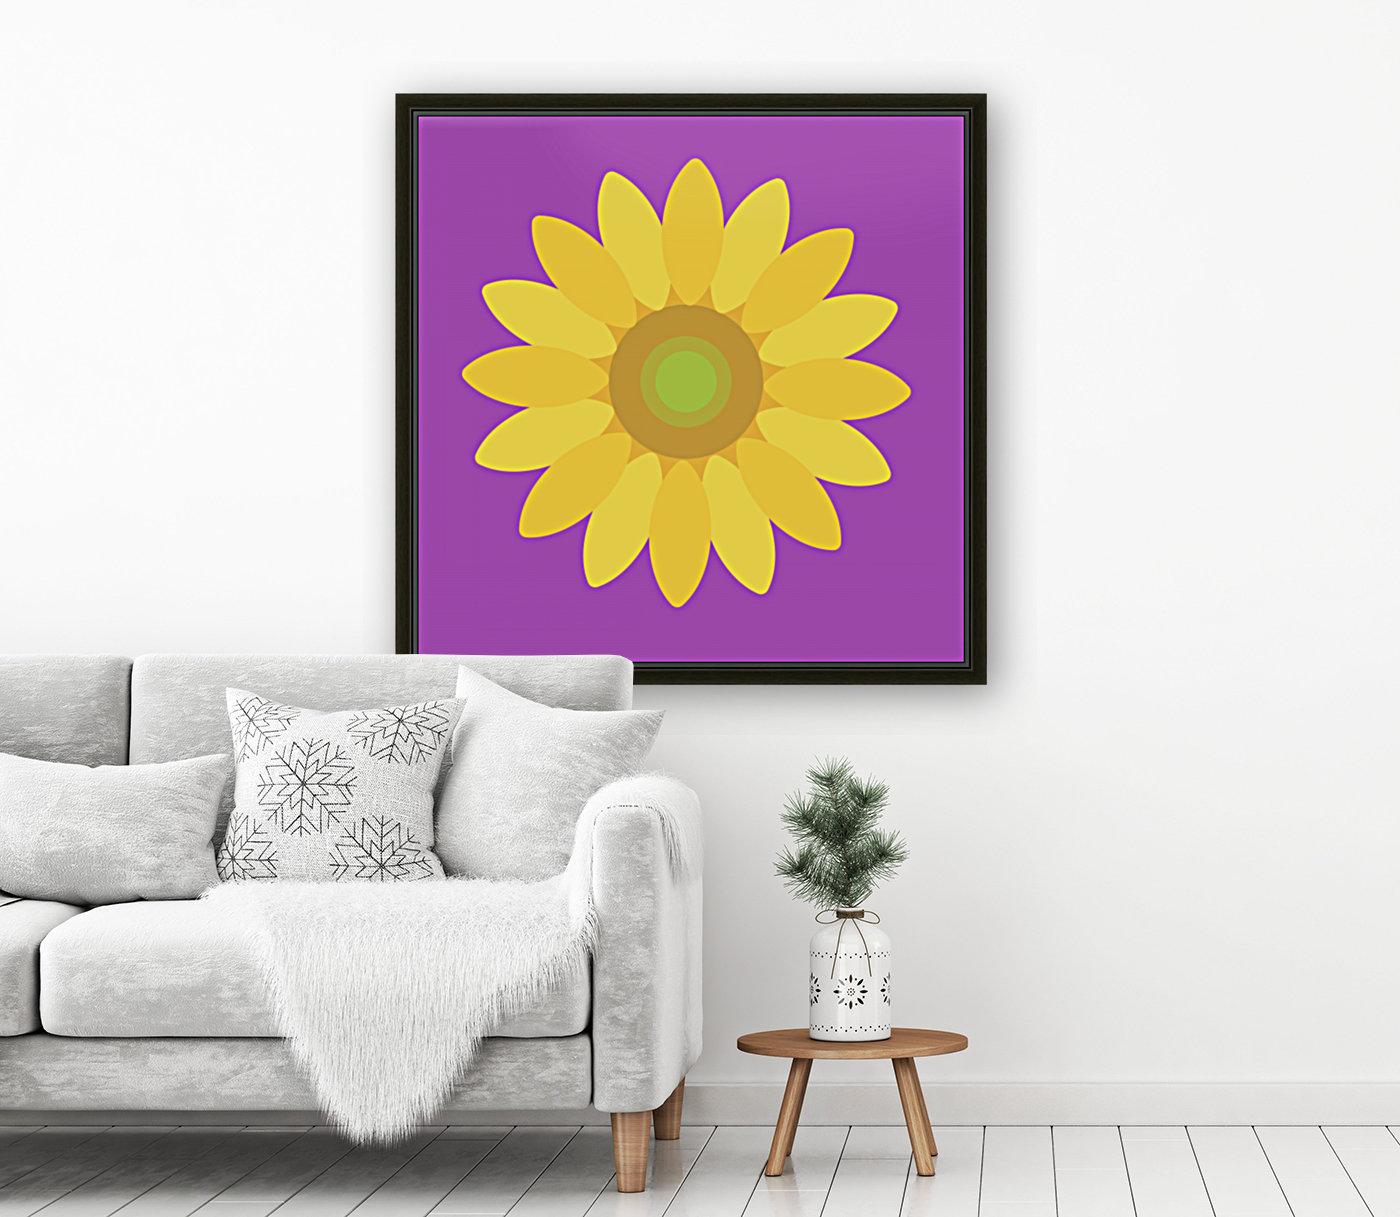 Sunflower (11)_1559876729.3965  Art